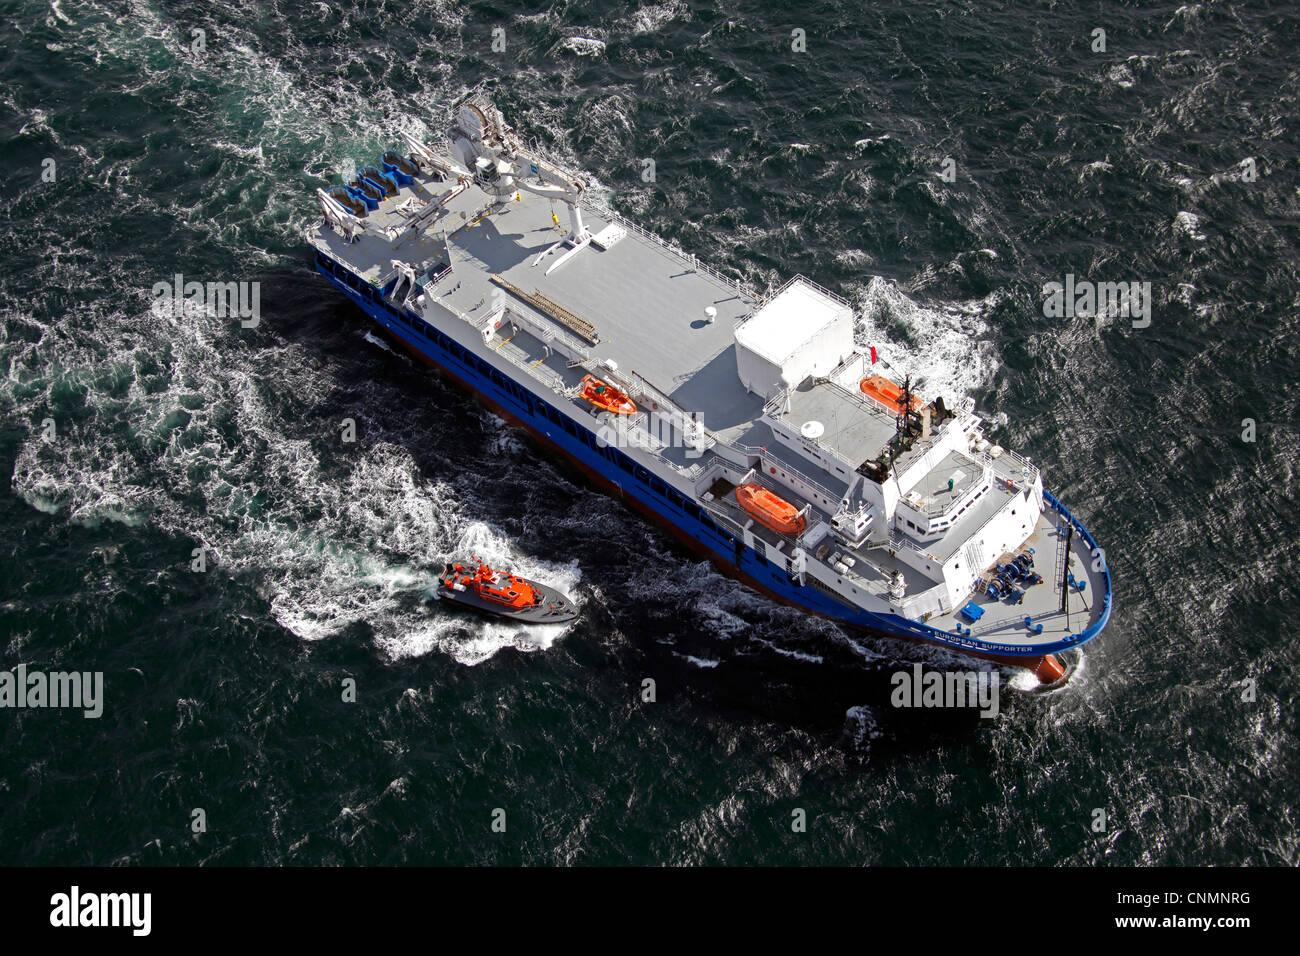 Vista aerea di una nave con barca pilota escort Immagini Stock